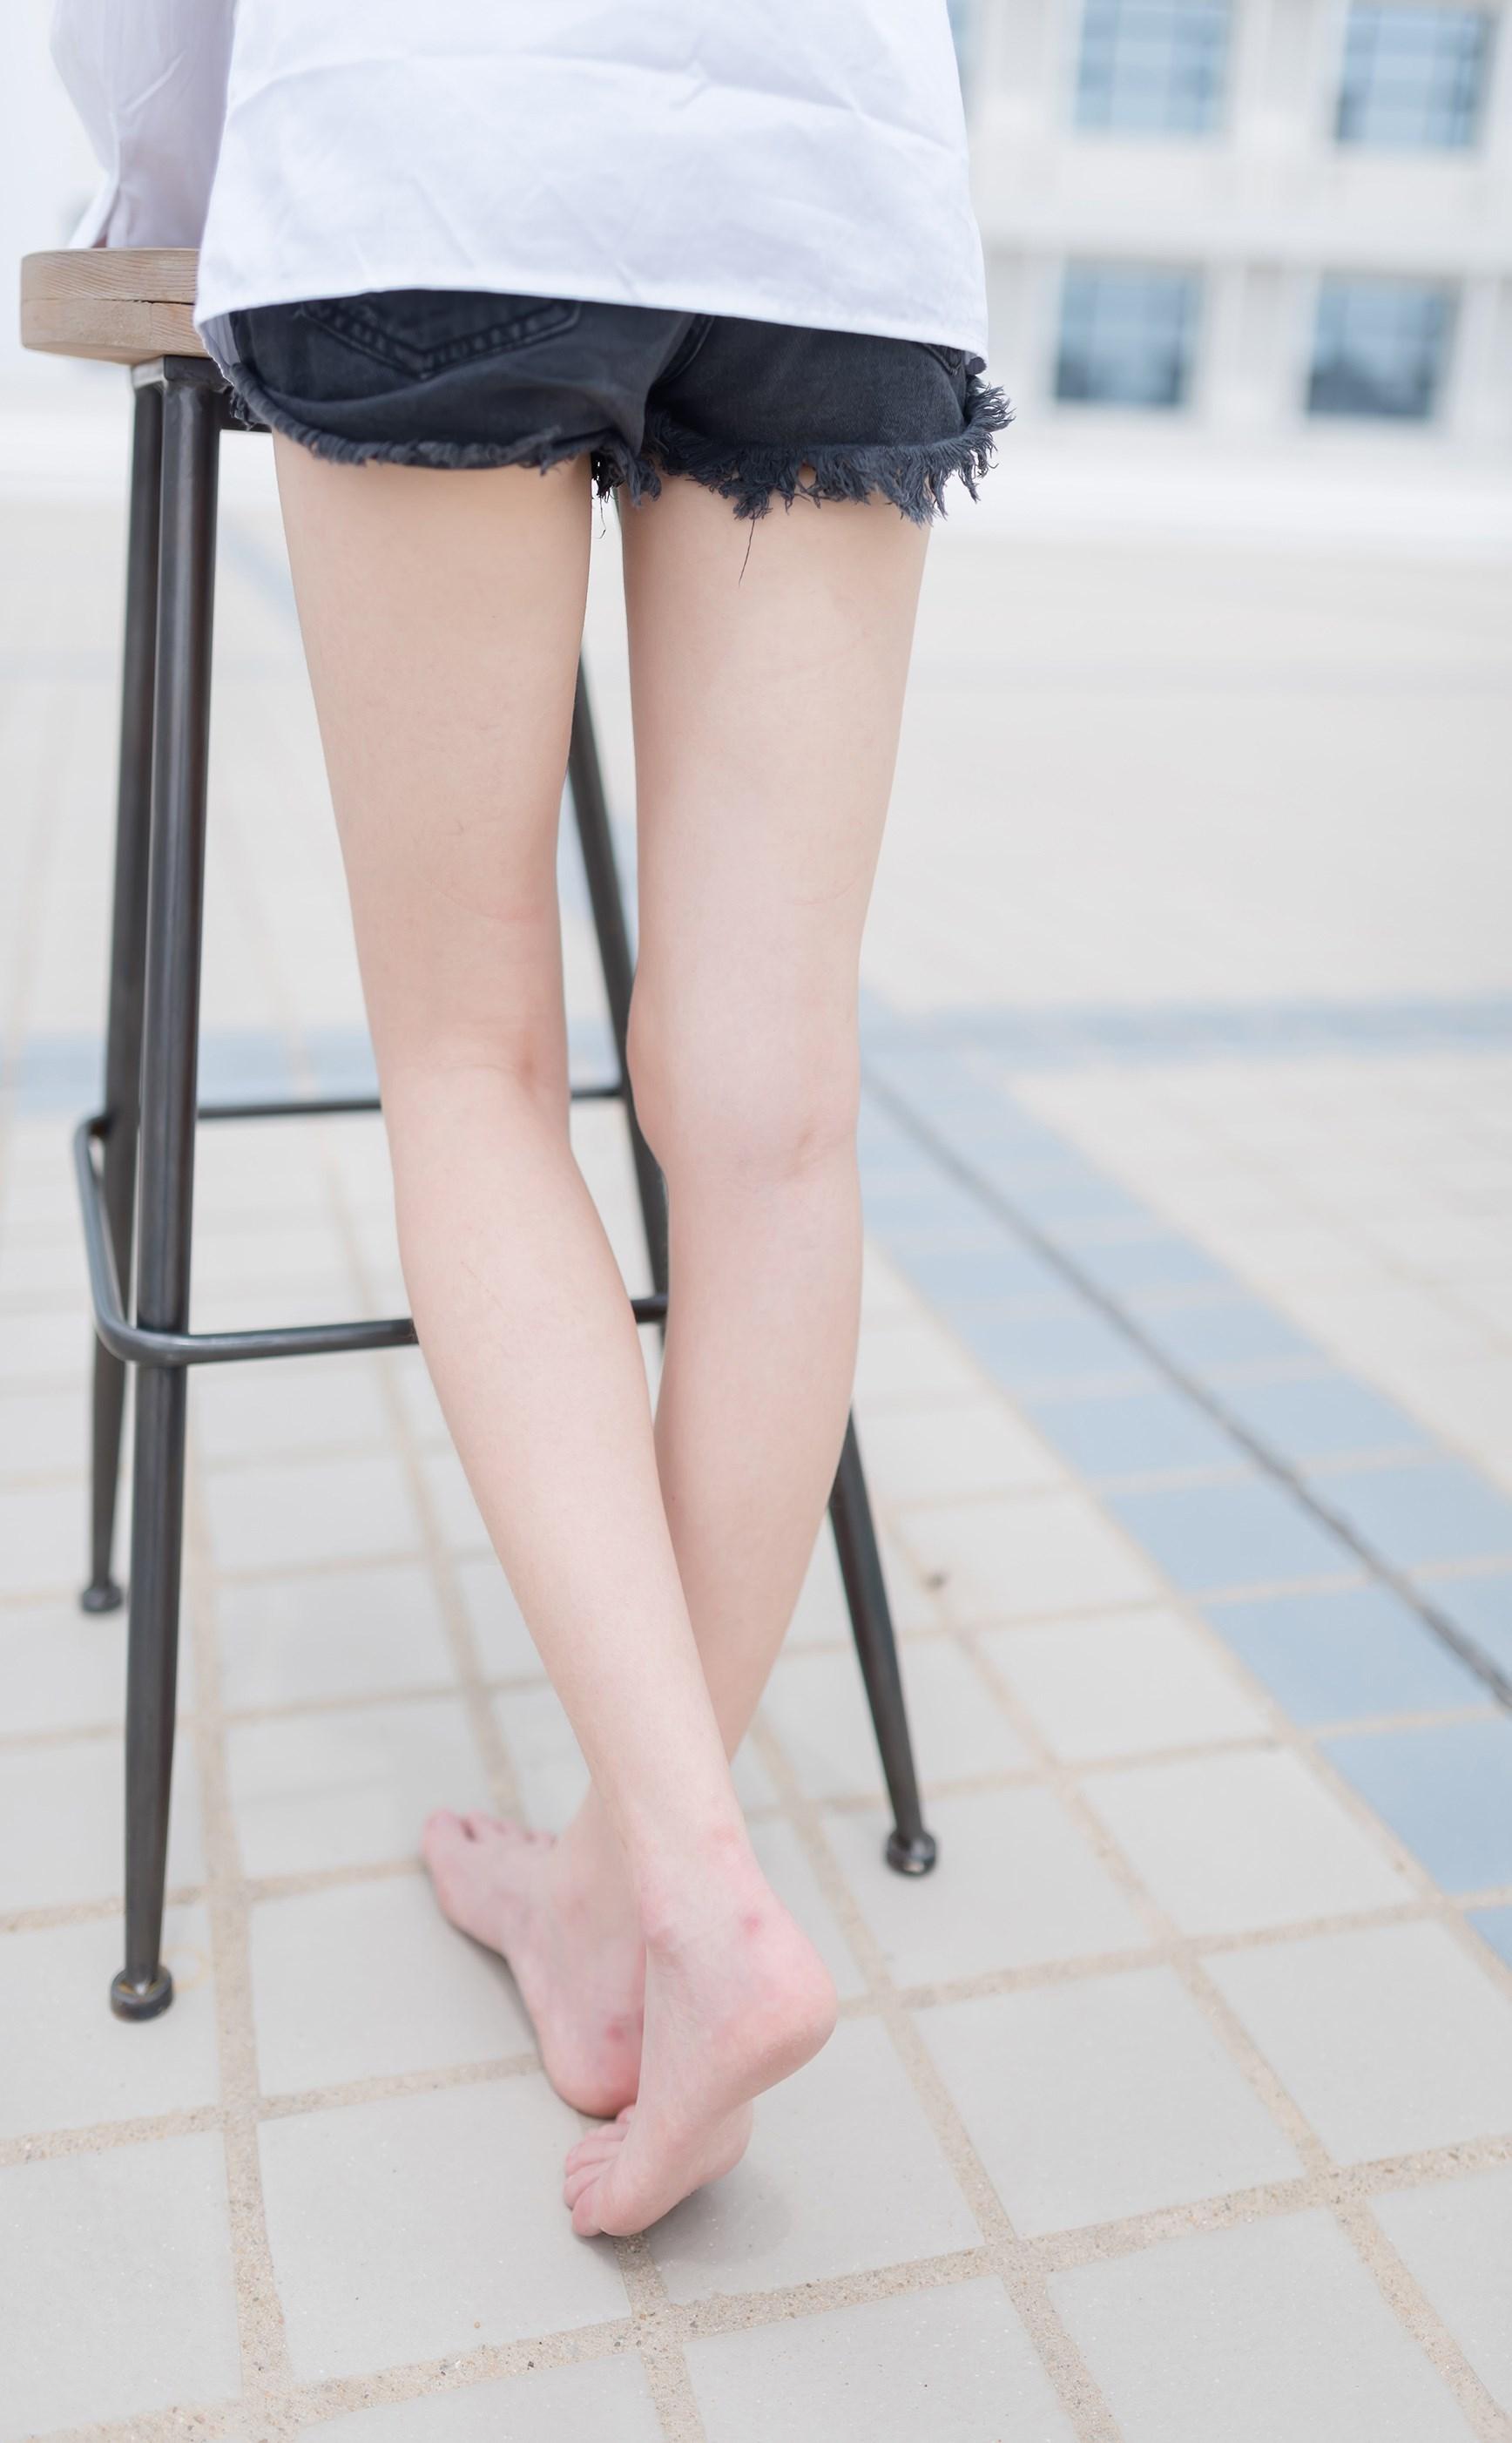 【兔玩映画】裸脚白衬衫 · 足控福利 兔玩映画 第15张